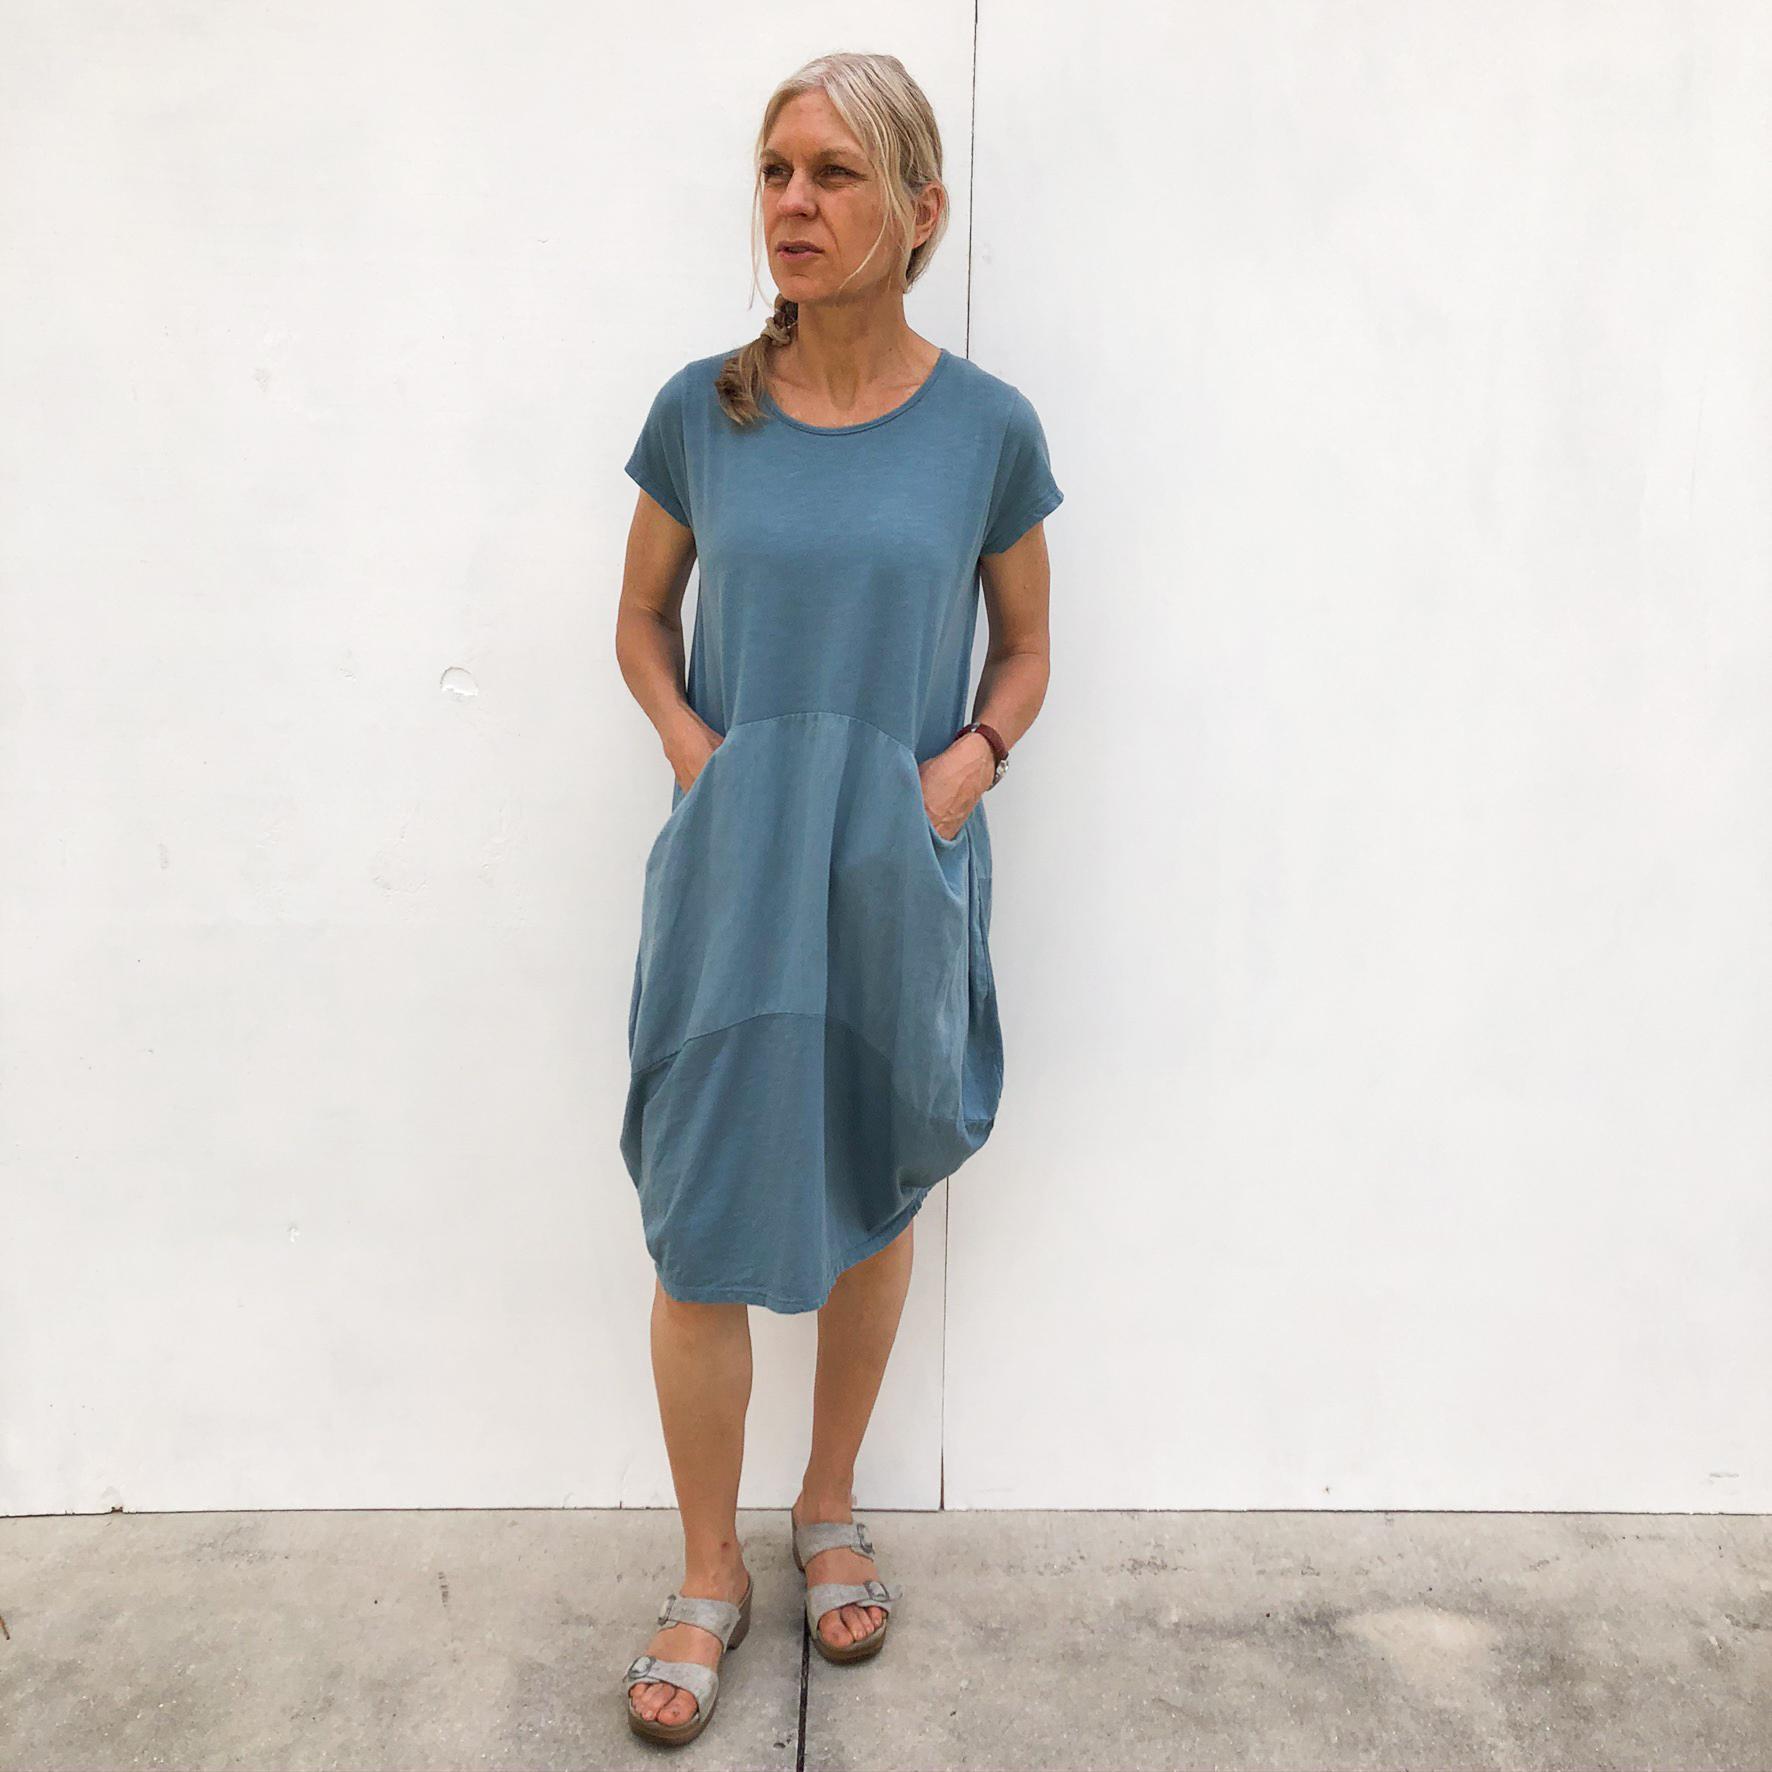 Short Two Pocket Dress on Model - Blue